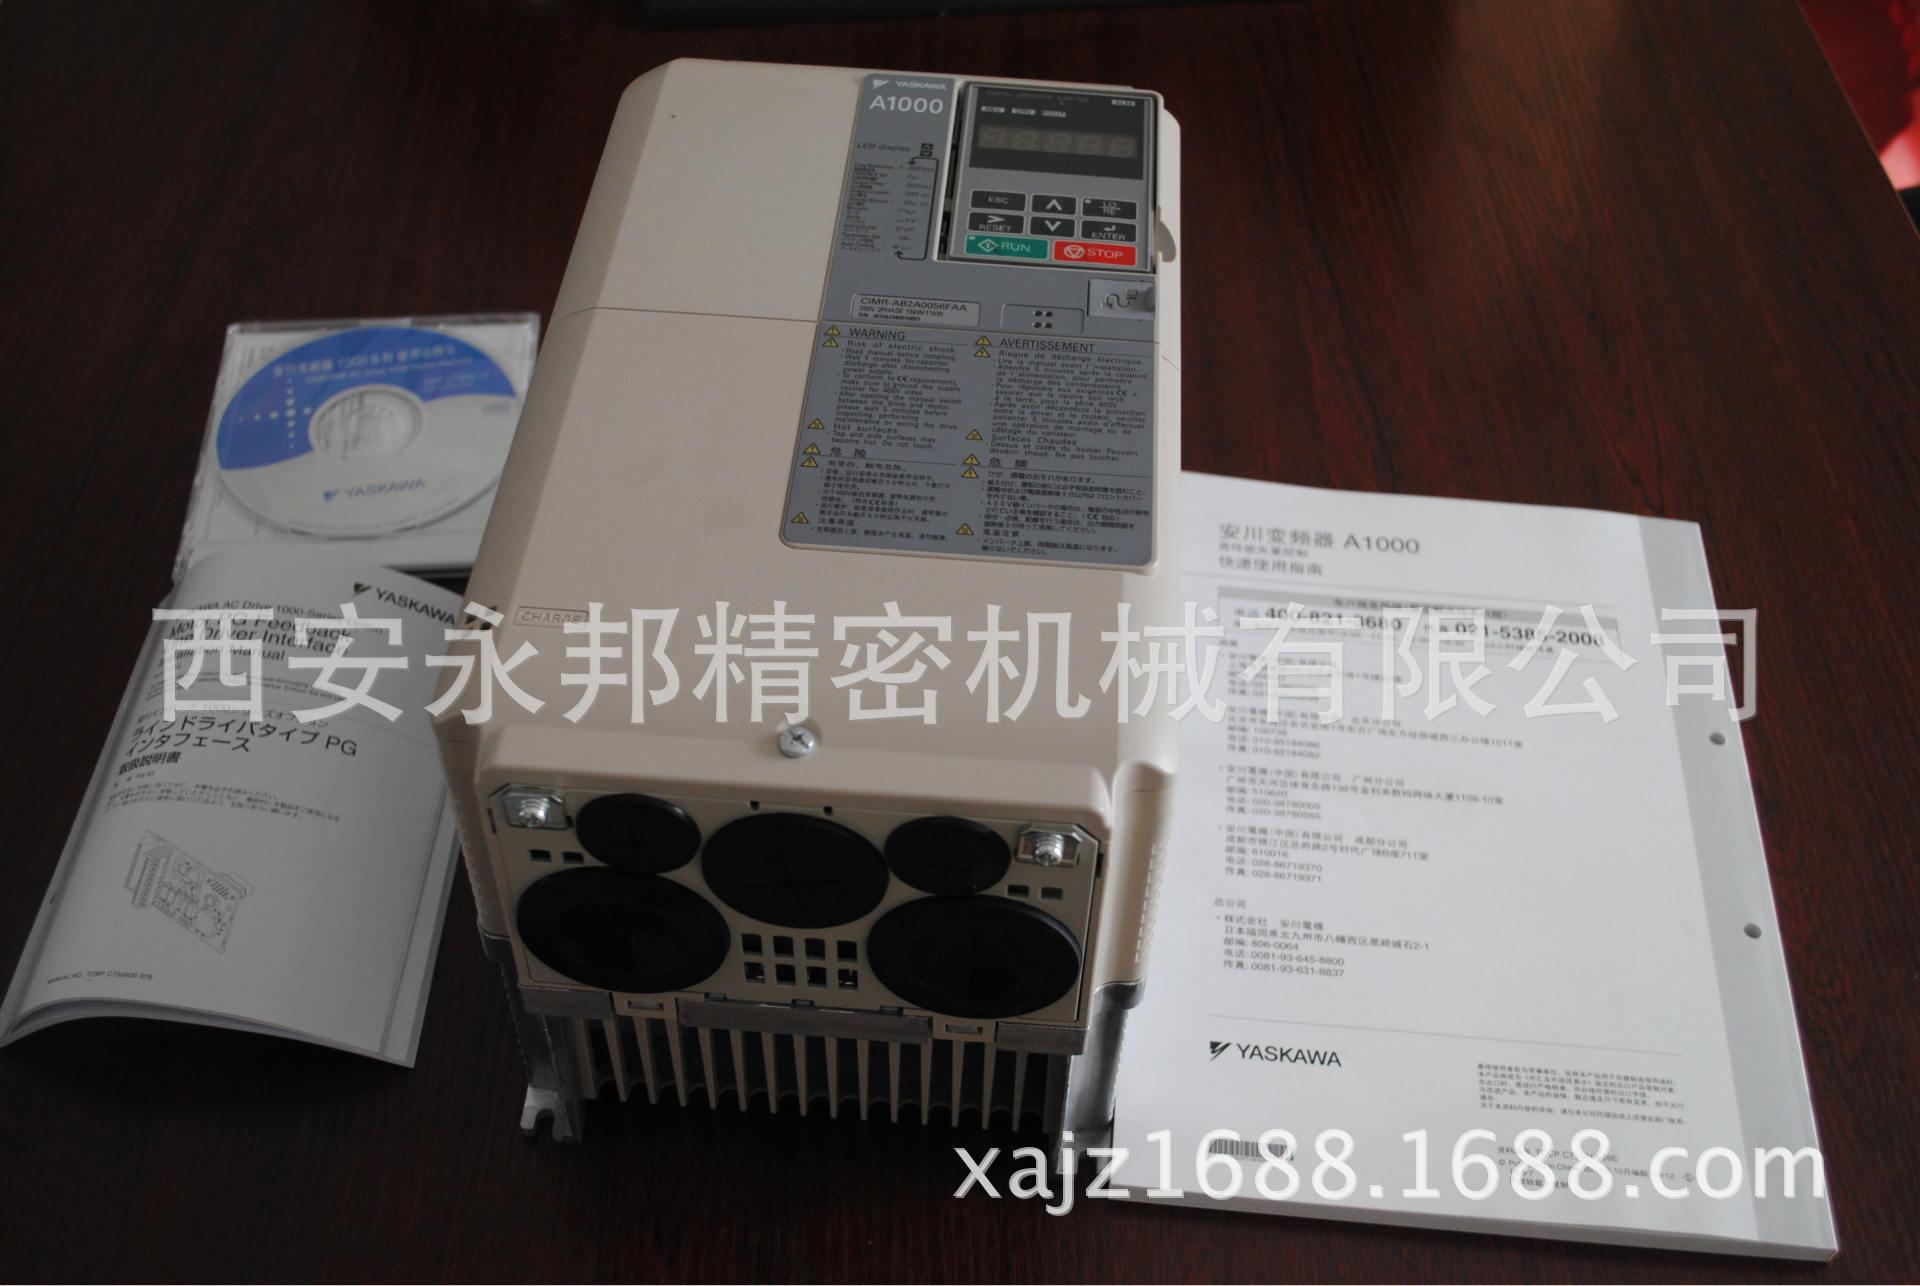 安川高性能電流矢量控制變頻器A1000